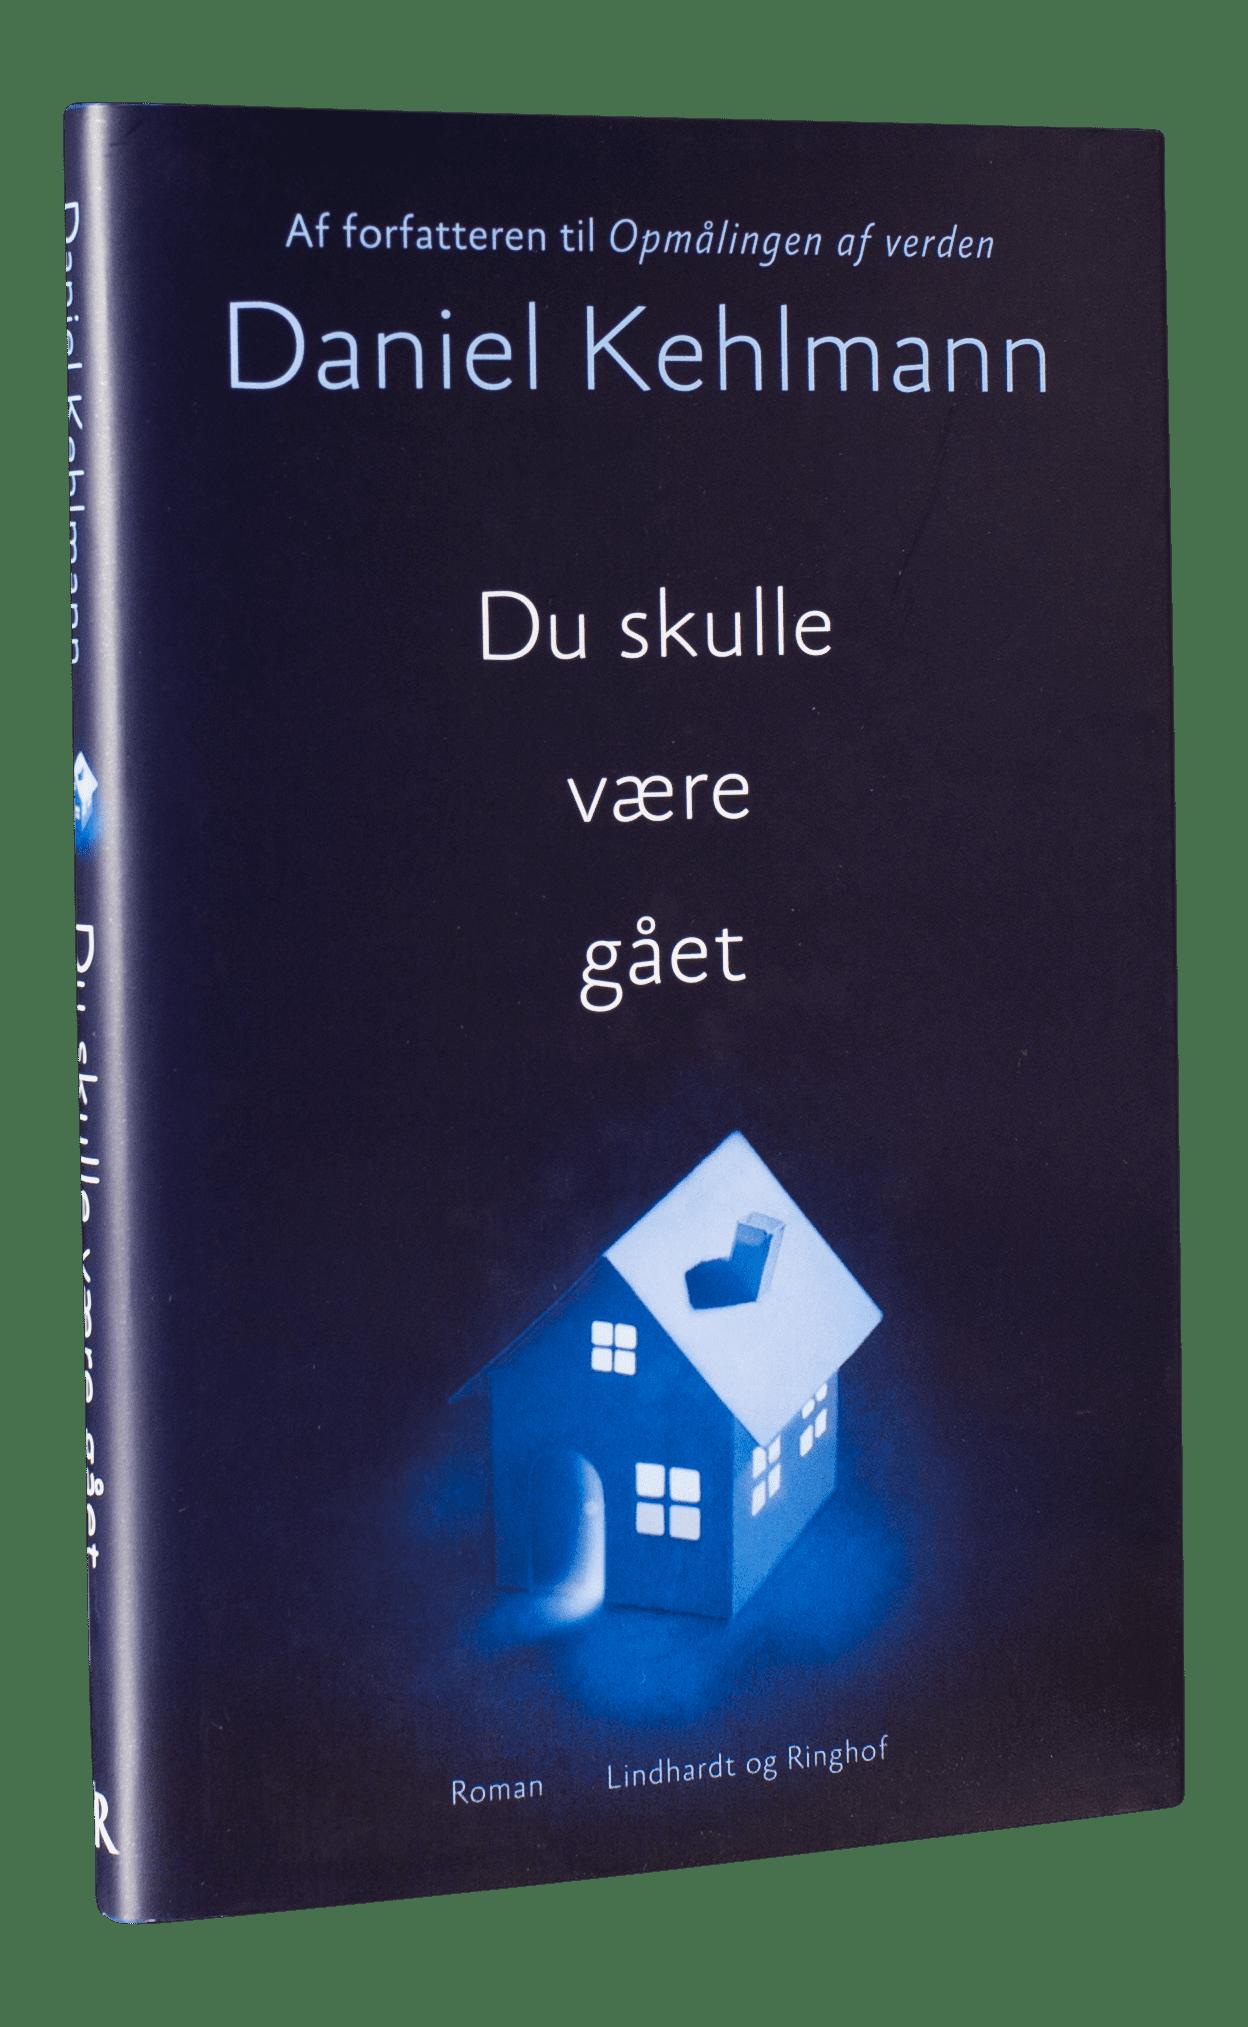 Daniel Kehlmann, Du skulle være gået, thriller, spænding, mystik, horror